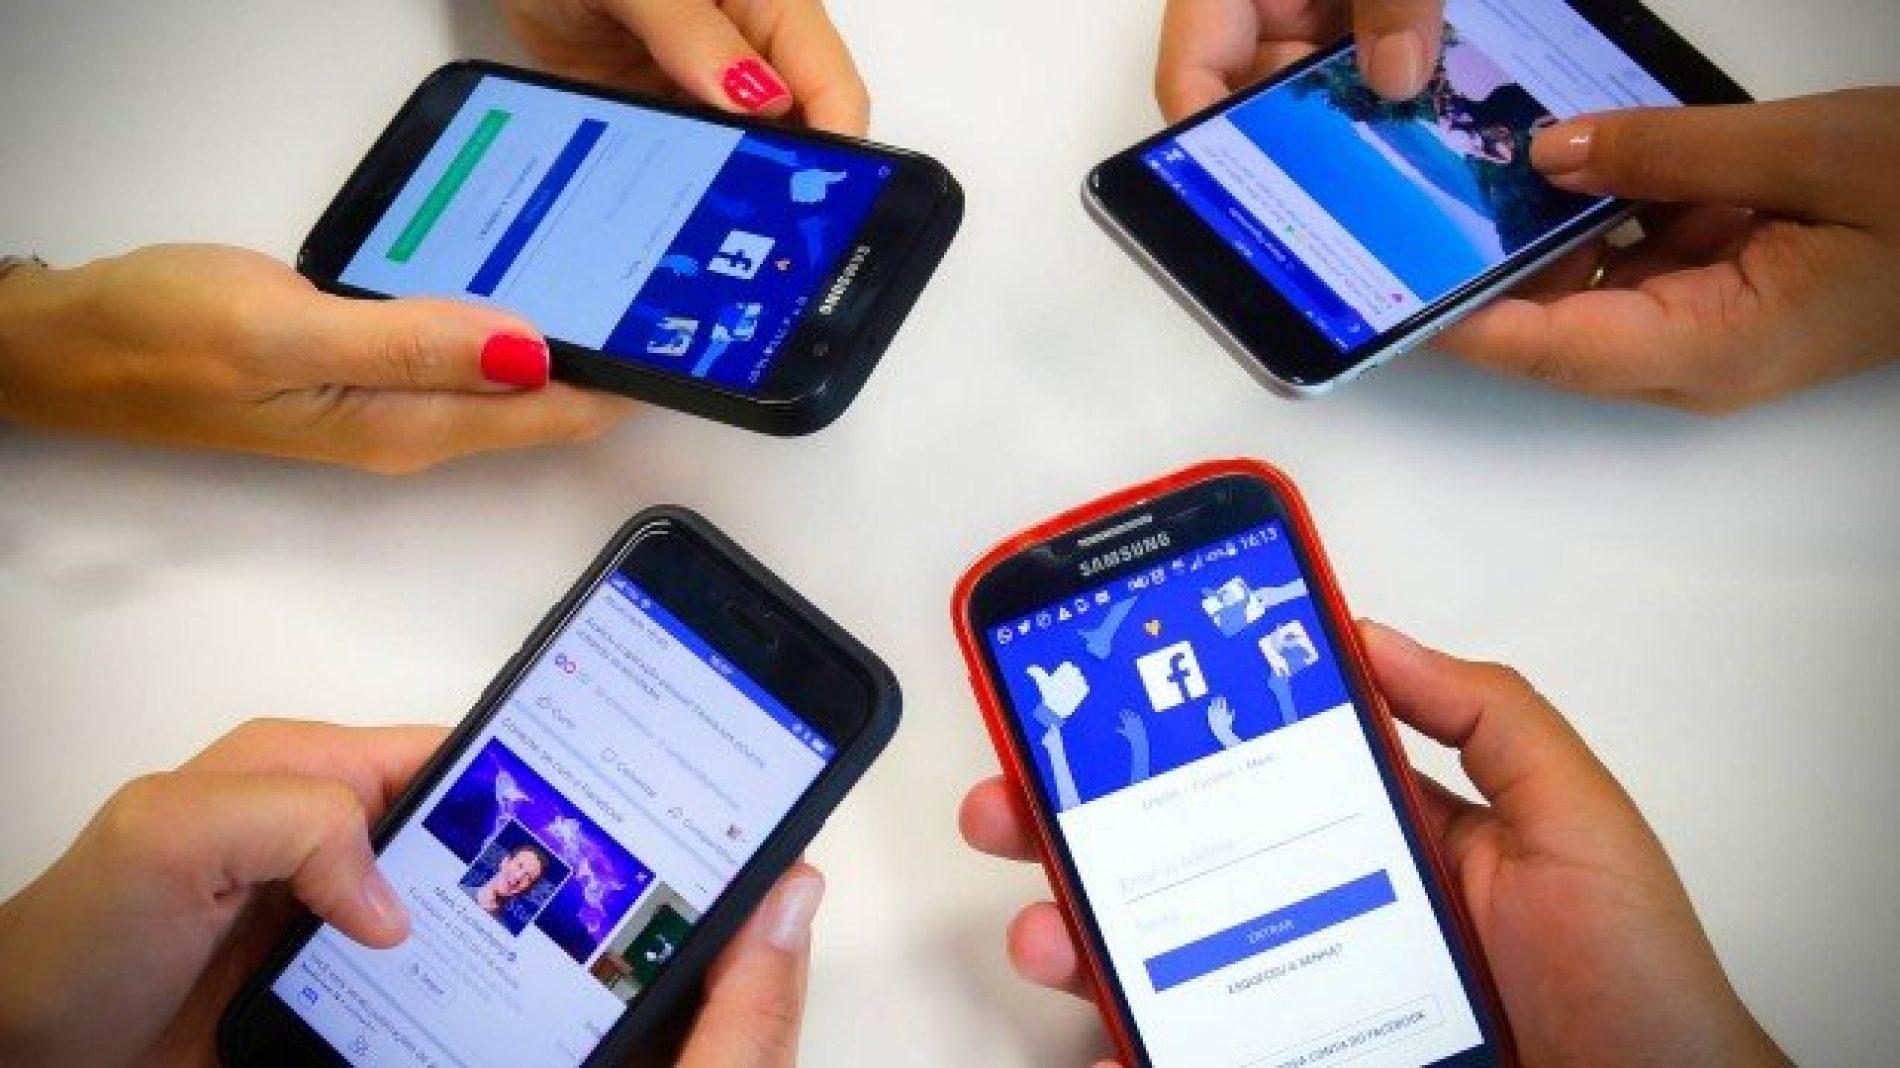 Éboato: Que governo pode cortar sinais de internet no Brasil para interromper comunicação entre caminhoneiros